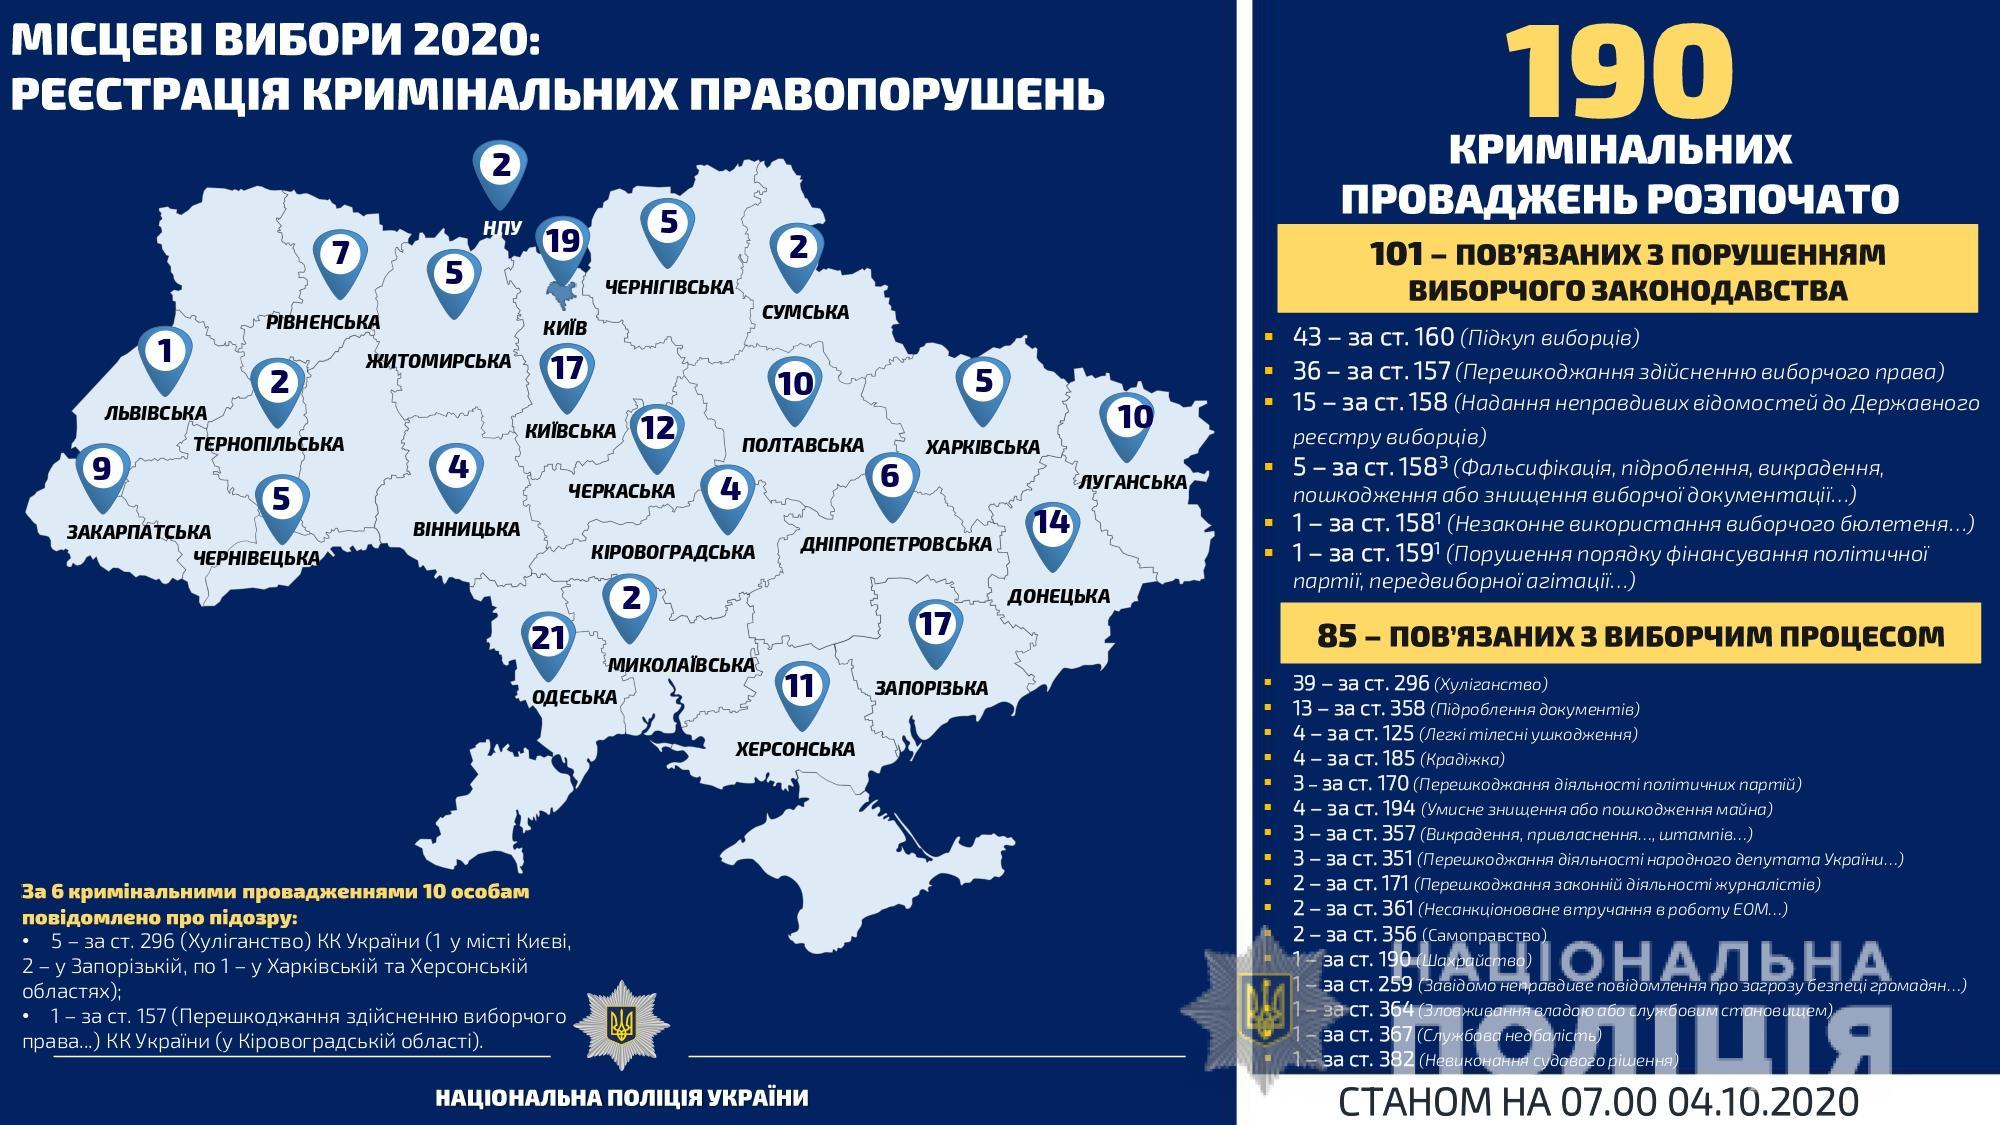 Полиция открыла 190 уголовных производств